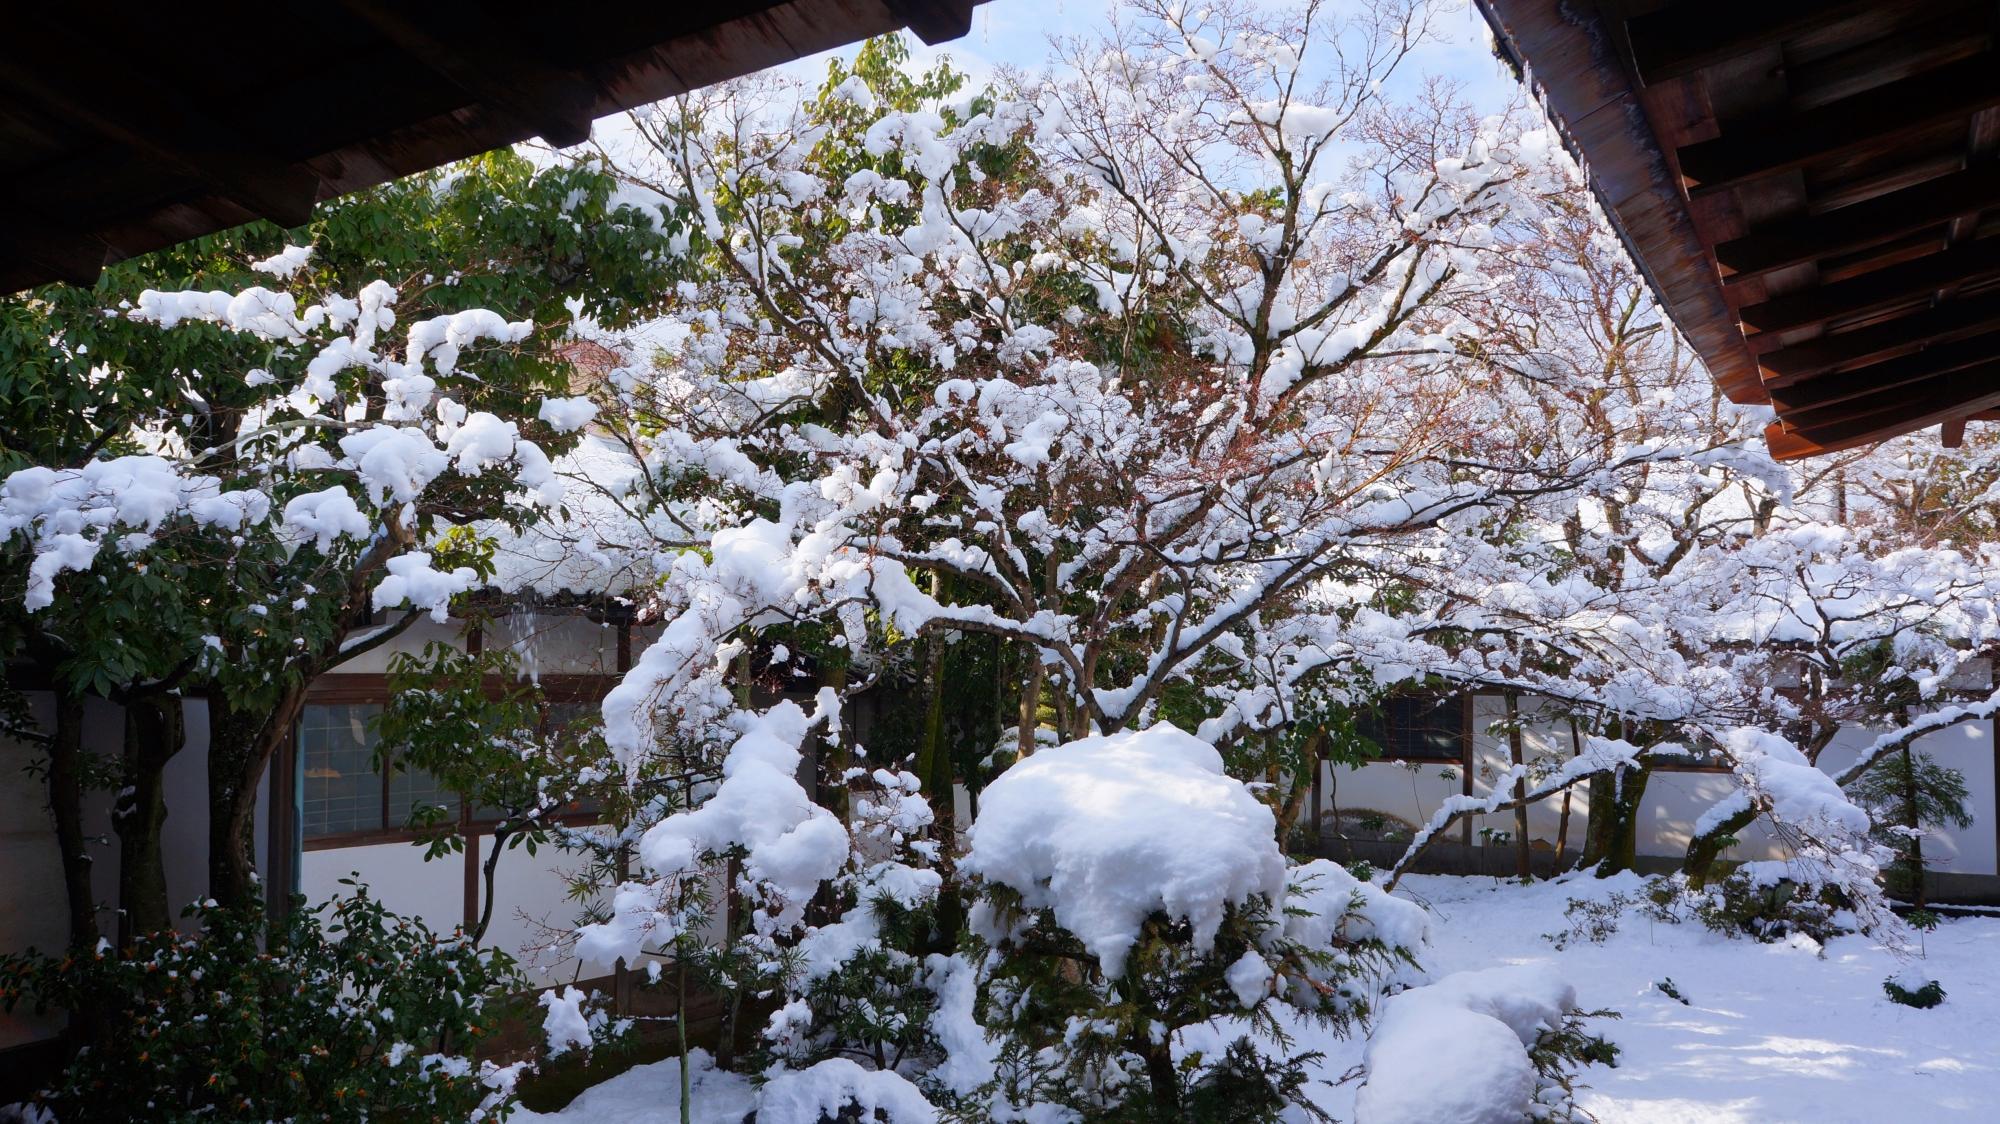 雪がてんこ盛りの黒書院庭園